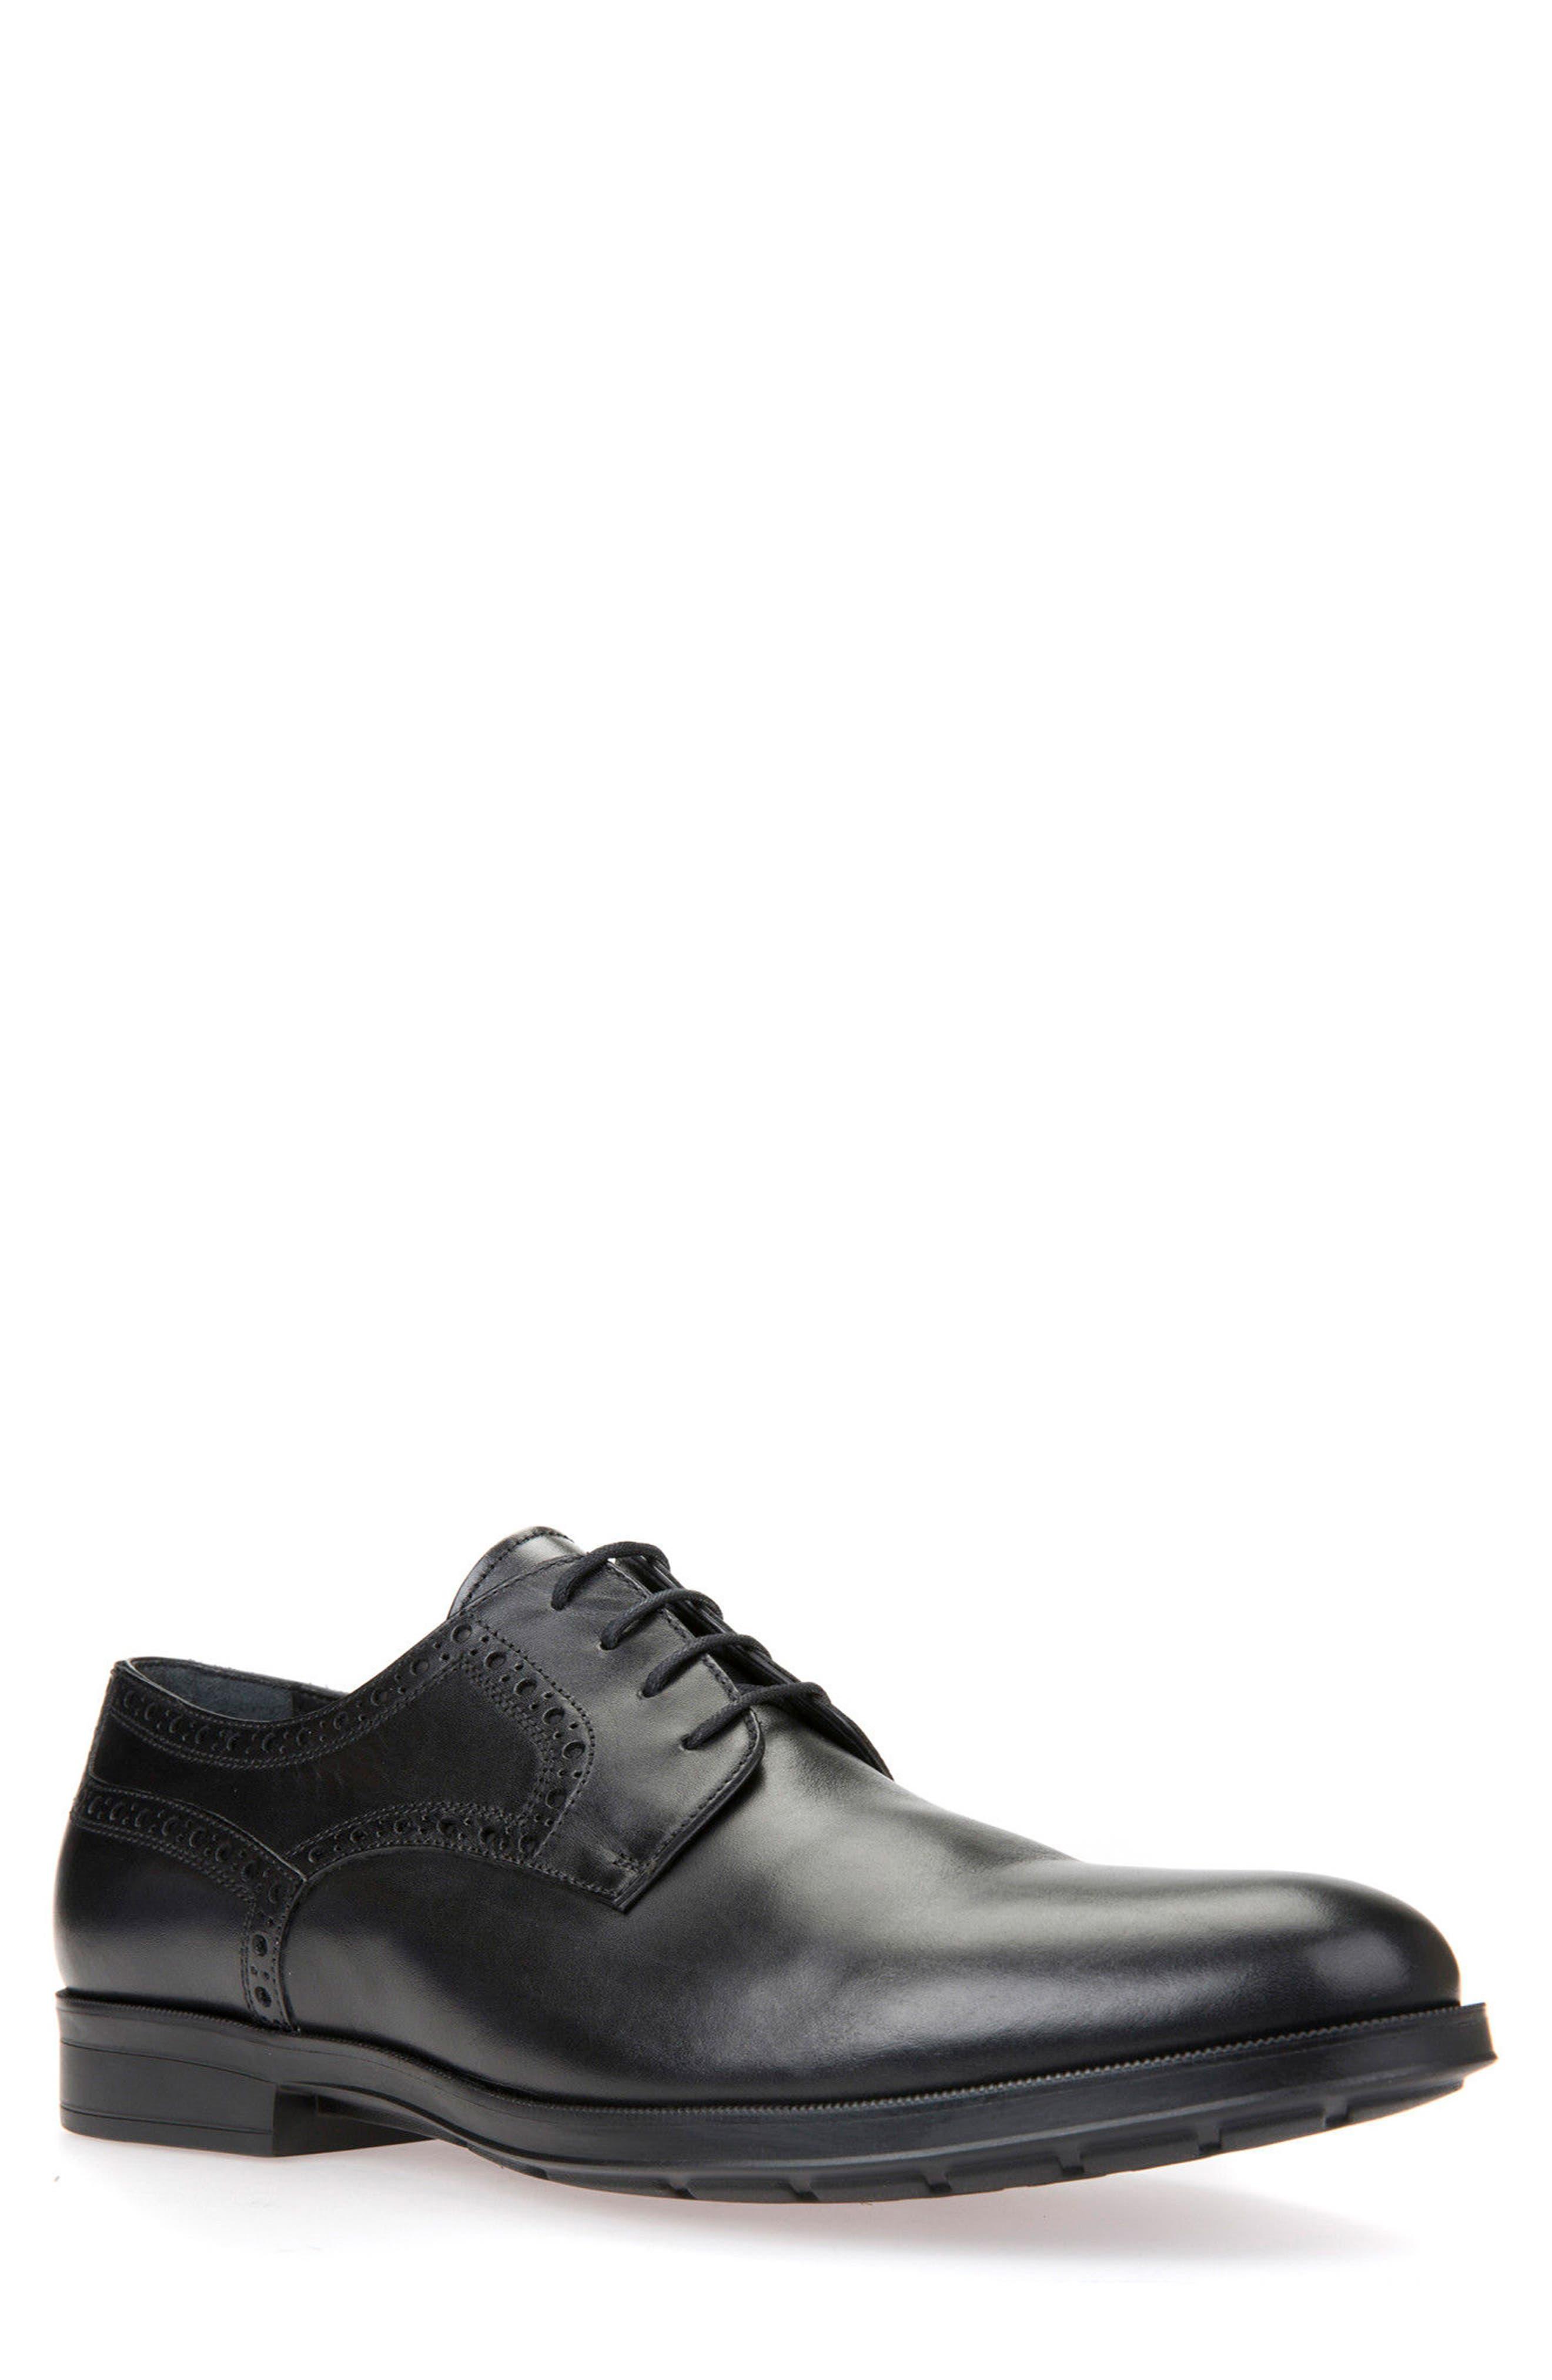 Hilstone 3 Plain Toe Derby,                             Main thumbnail 1, color,                             BLACK LEATHER